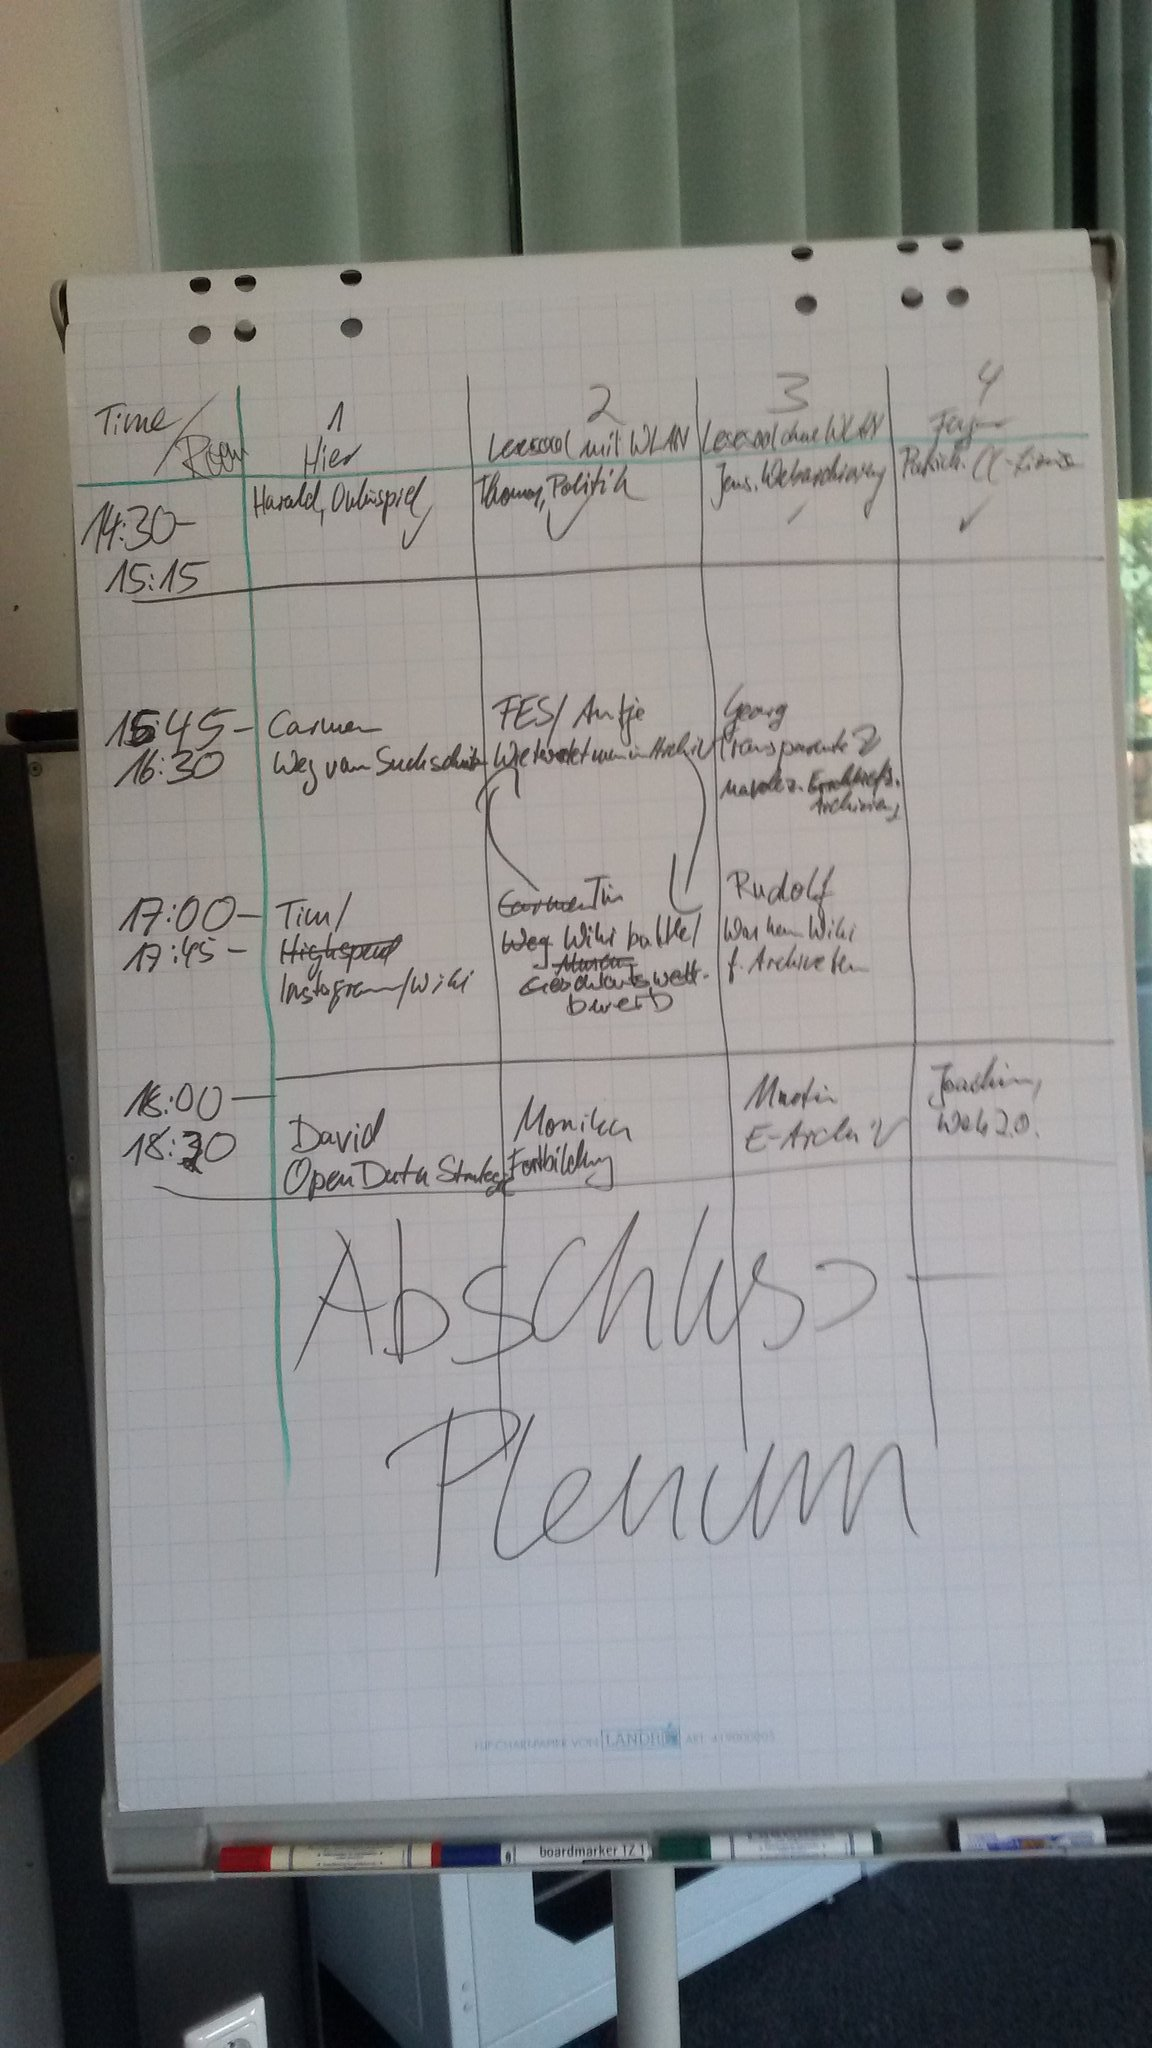 Die Sessionplanung für das #archivcamp, kreativ umgesetzt vom Jungen mit dem Filzstift @frisch_patrick  😉 #archive20 https://t.co/NUj1UG345e